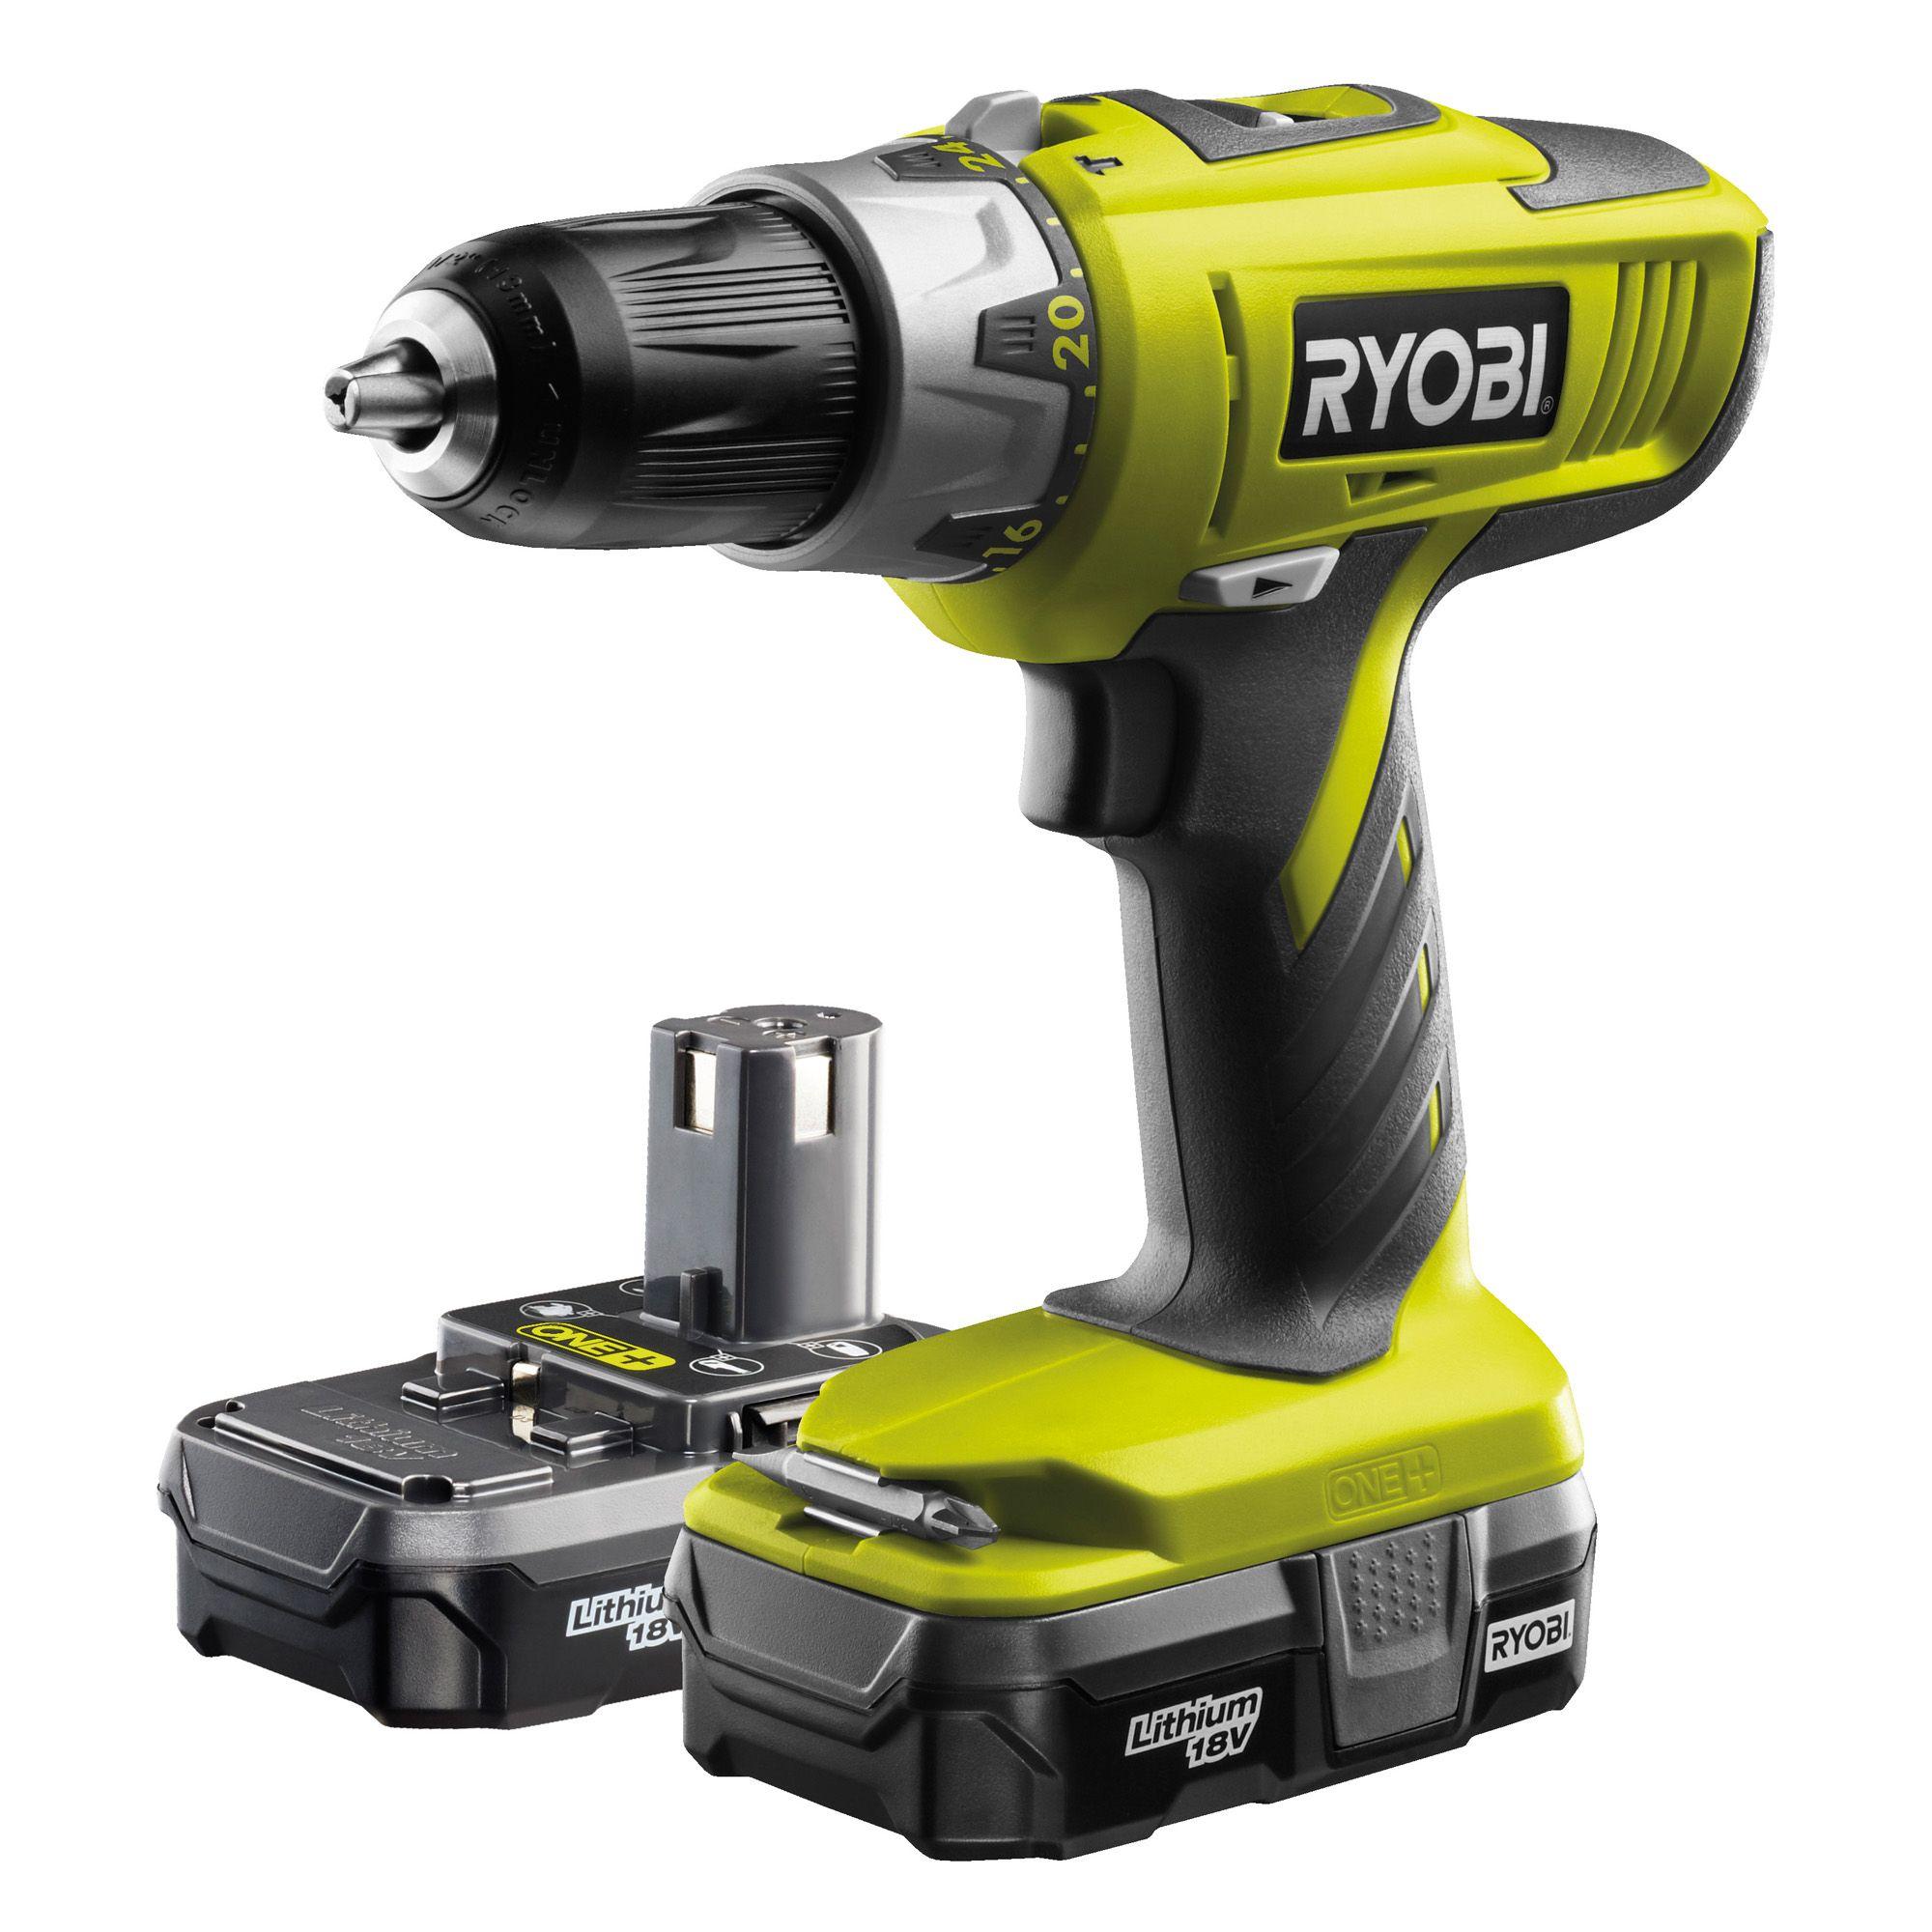 Ryobi One+ Cordless 18v 1.3ah Li-ion Combi Drill 2 Batteries Llcdi18022l